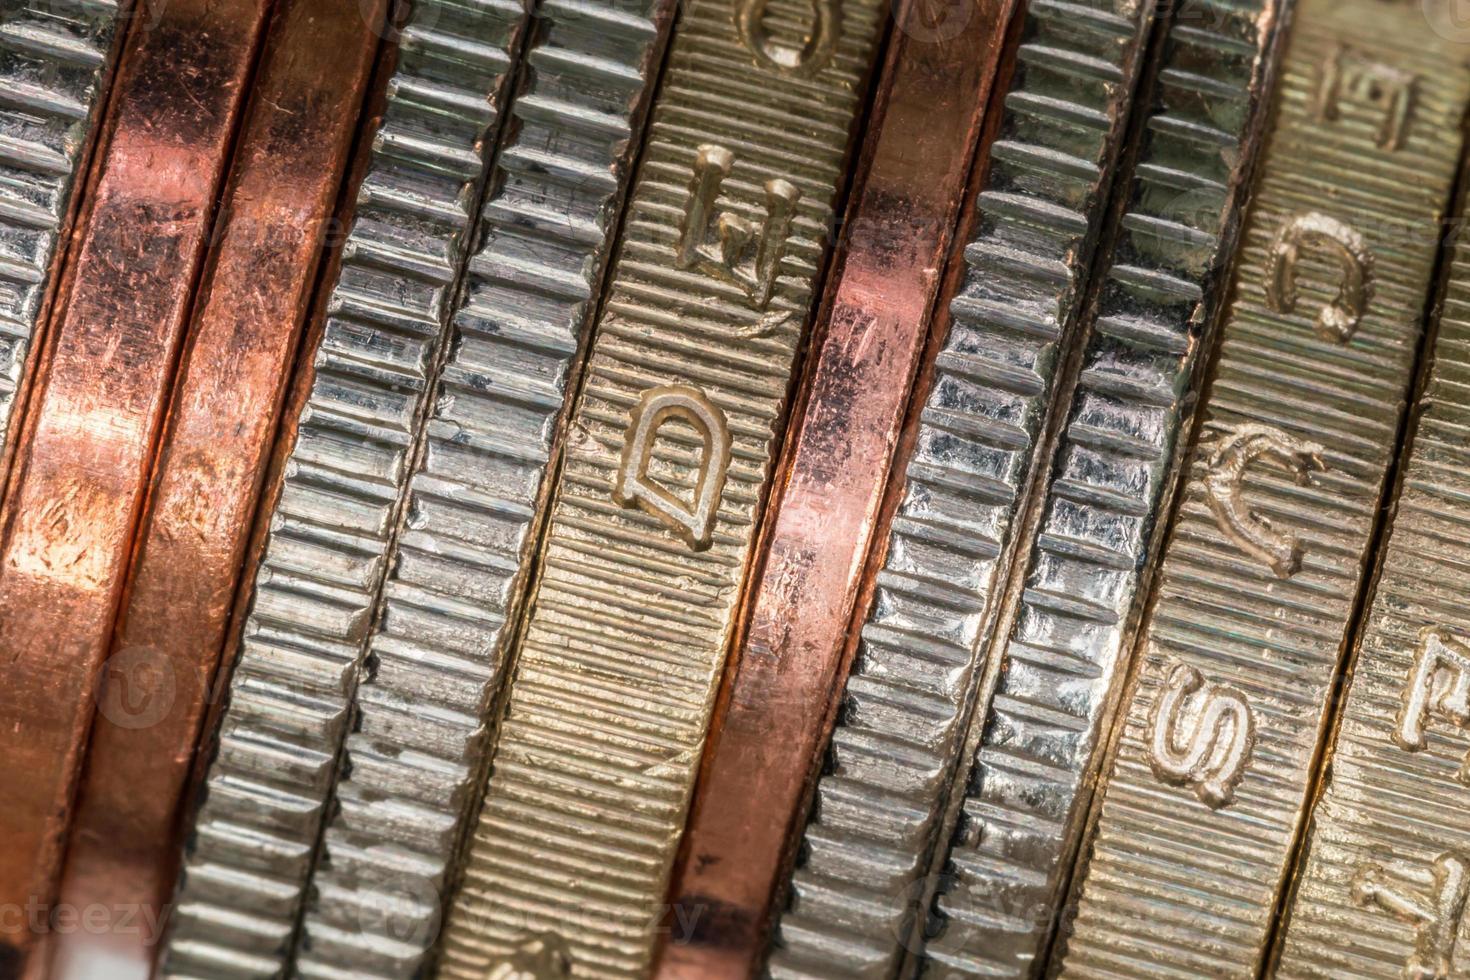 Stapel britischer Münzen foto